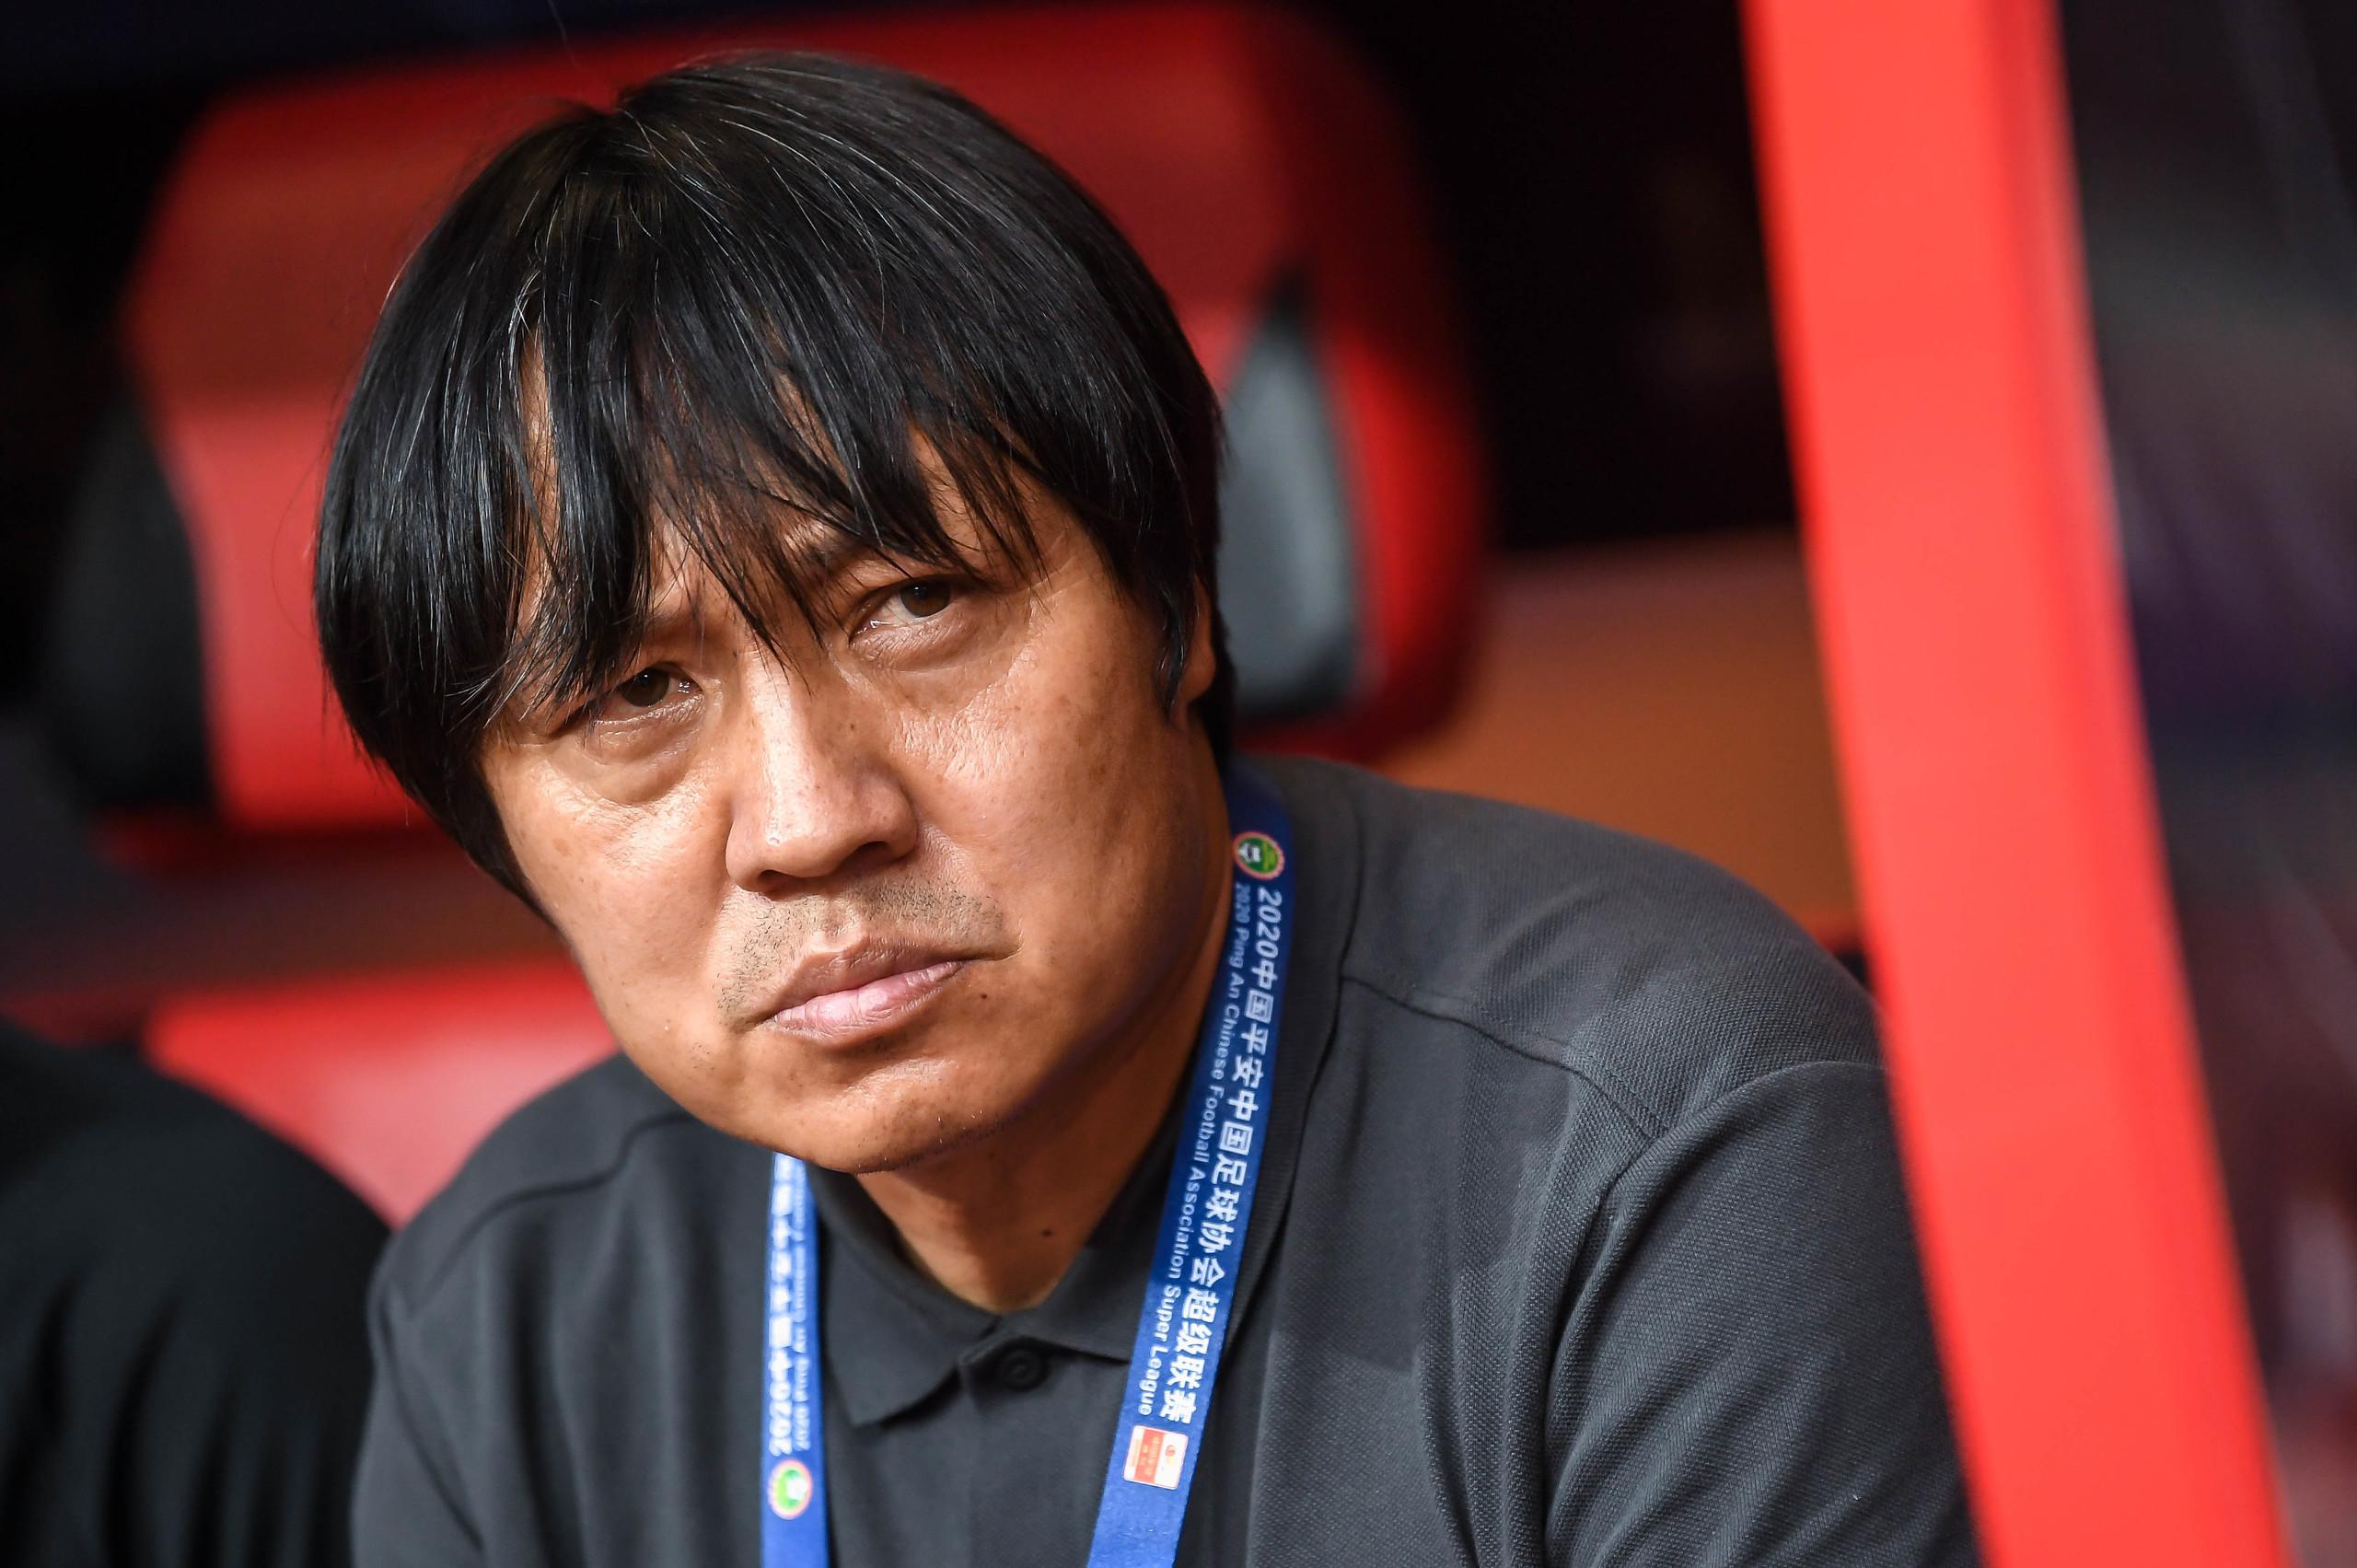 谢峰:2-2重庆赛后,我没有指责助理教练的意思